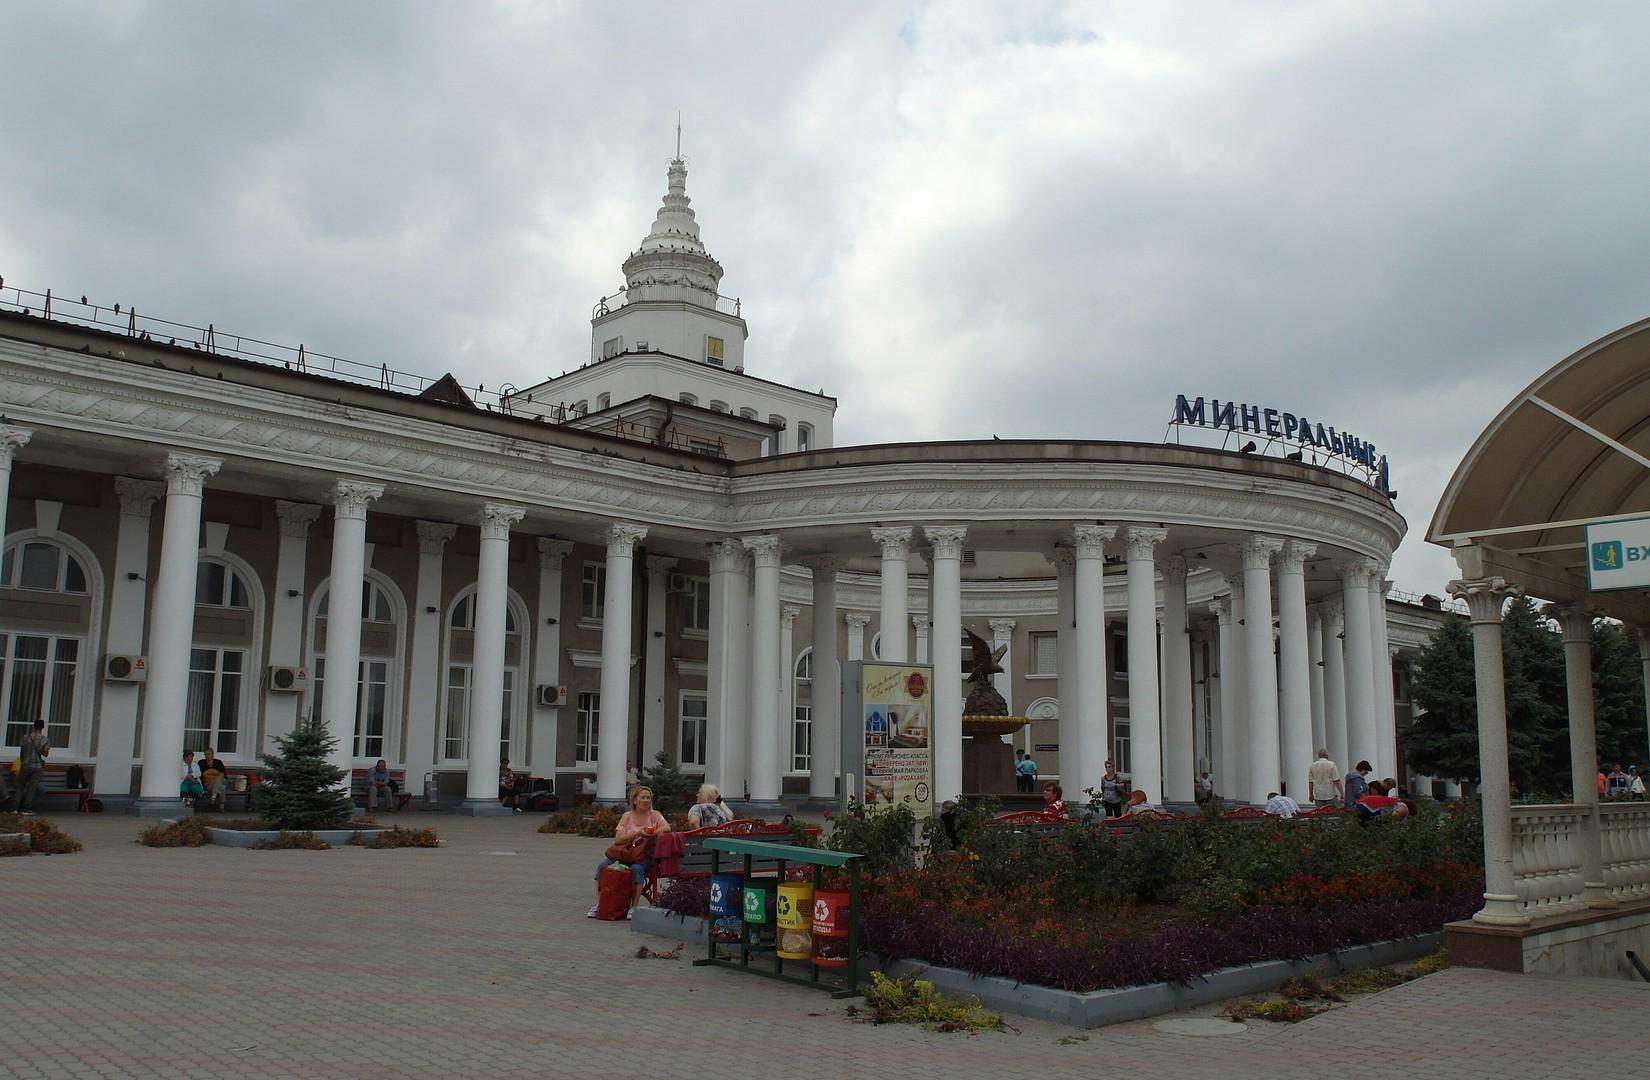 железнодорожный вокзал Минеральных вод